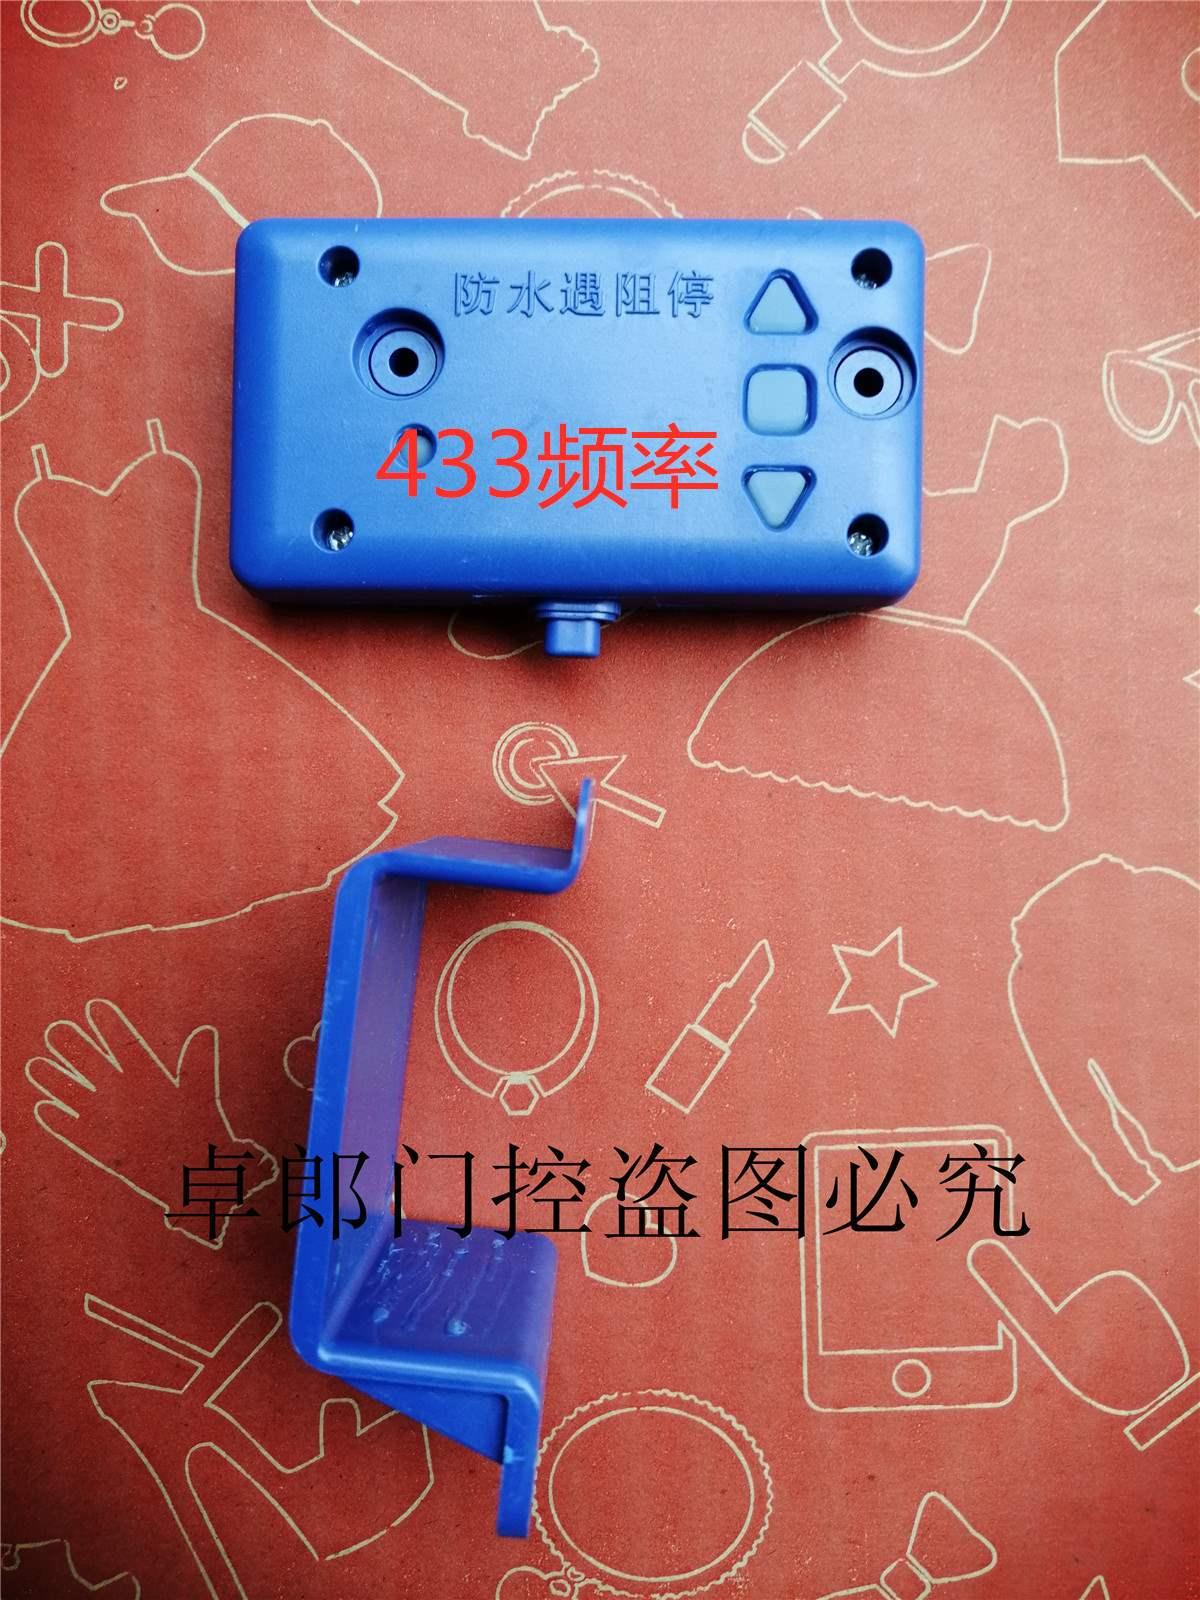 卷帘门遇阻停止器拷贝 无线对拷遥控器电动卷闸门防水遇阻感应器